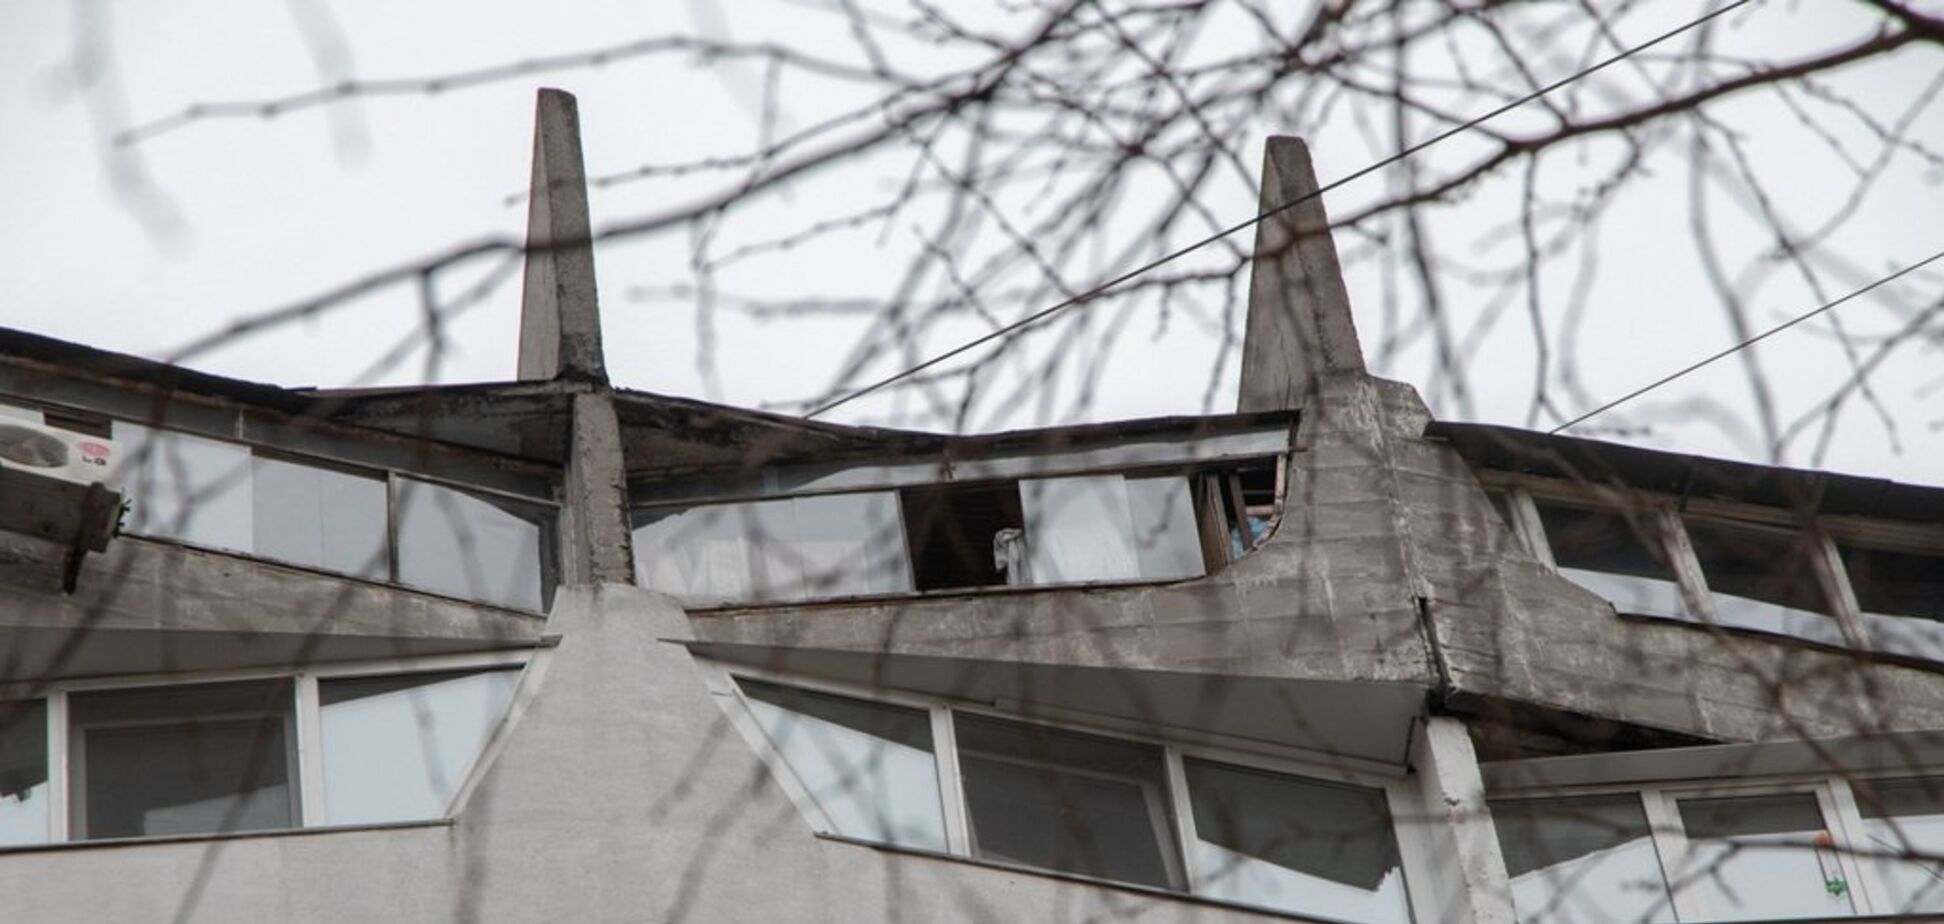 В Днепре женщина выбросилась с 16 этажа. Фото 18+